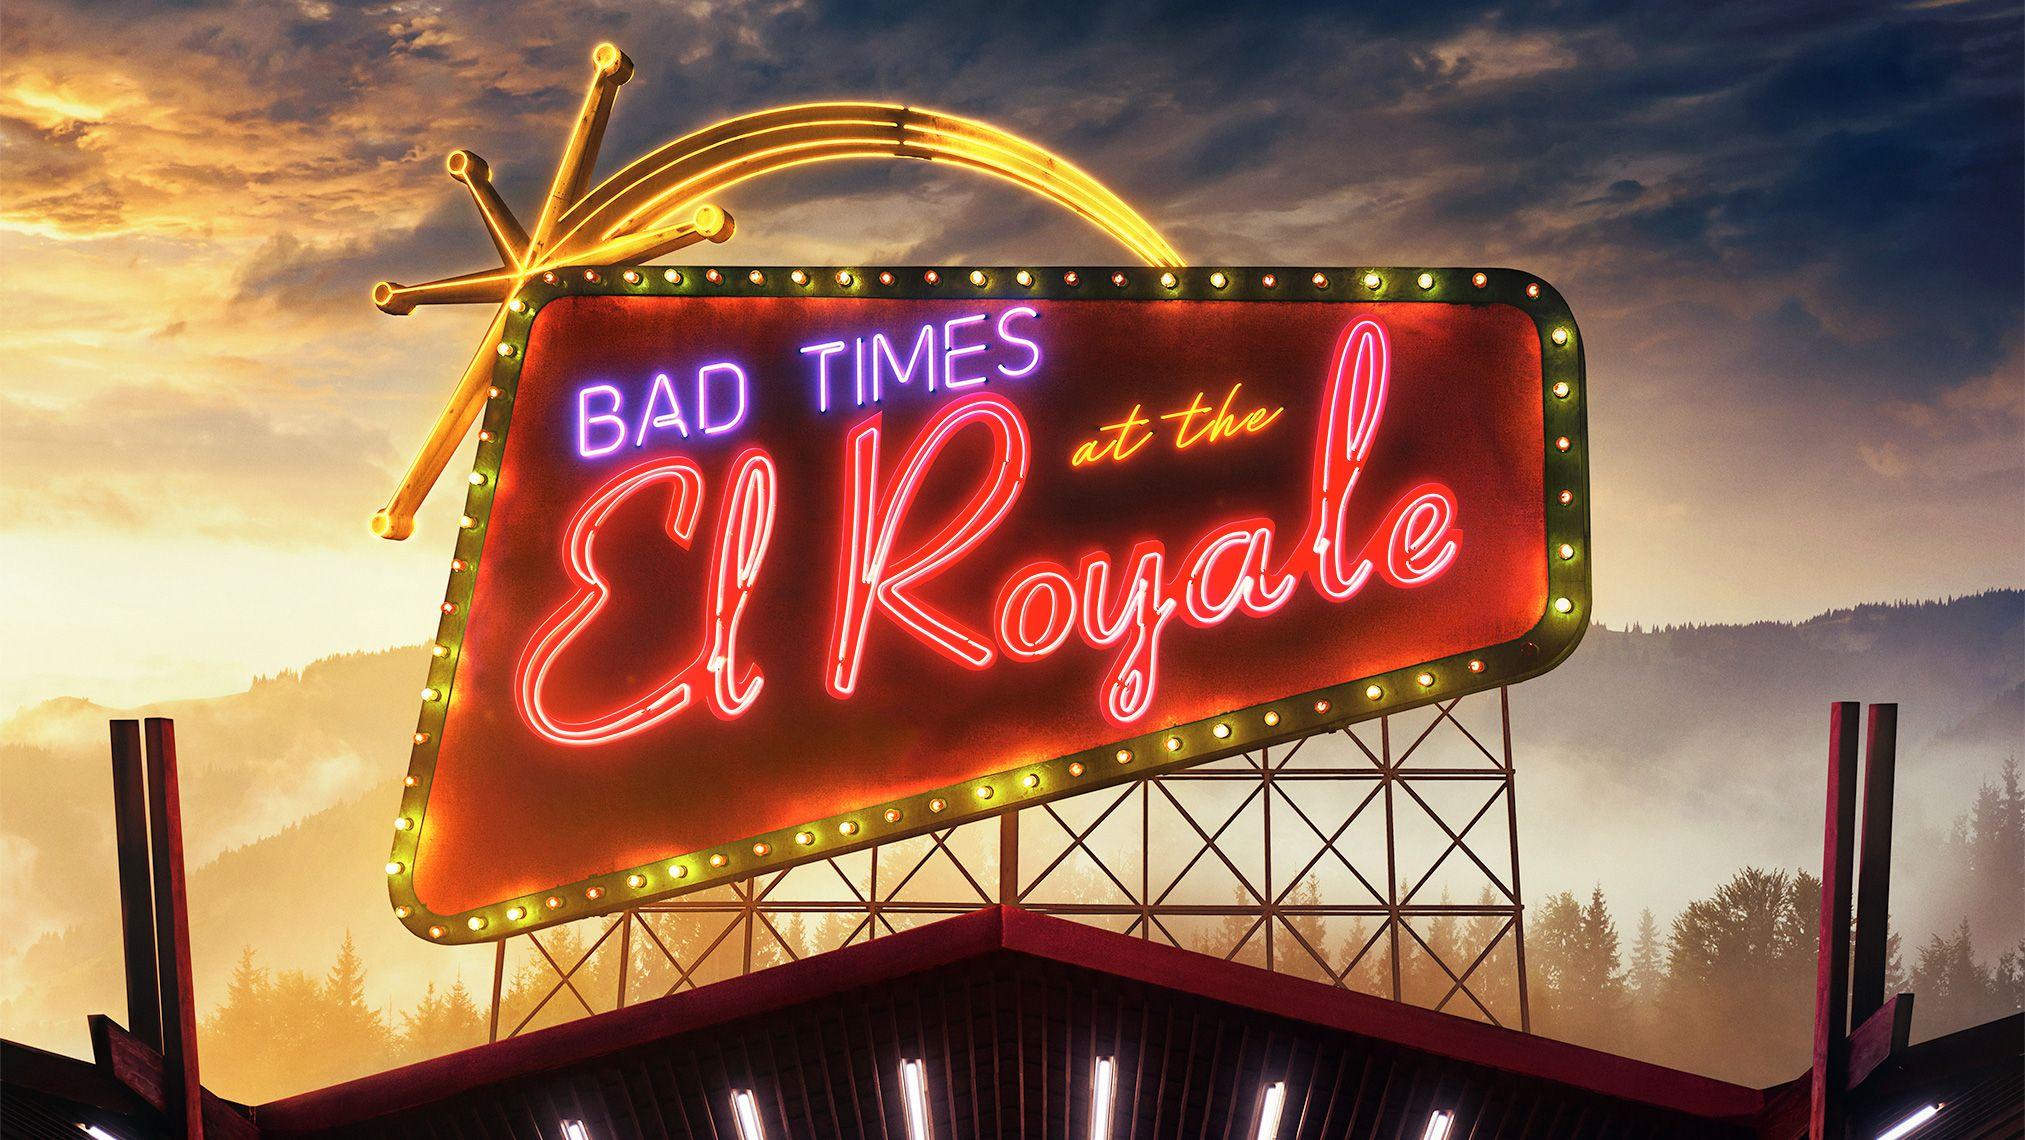 Bad Times At The El Royale Wallpaper Bad Timing Hush Hush